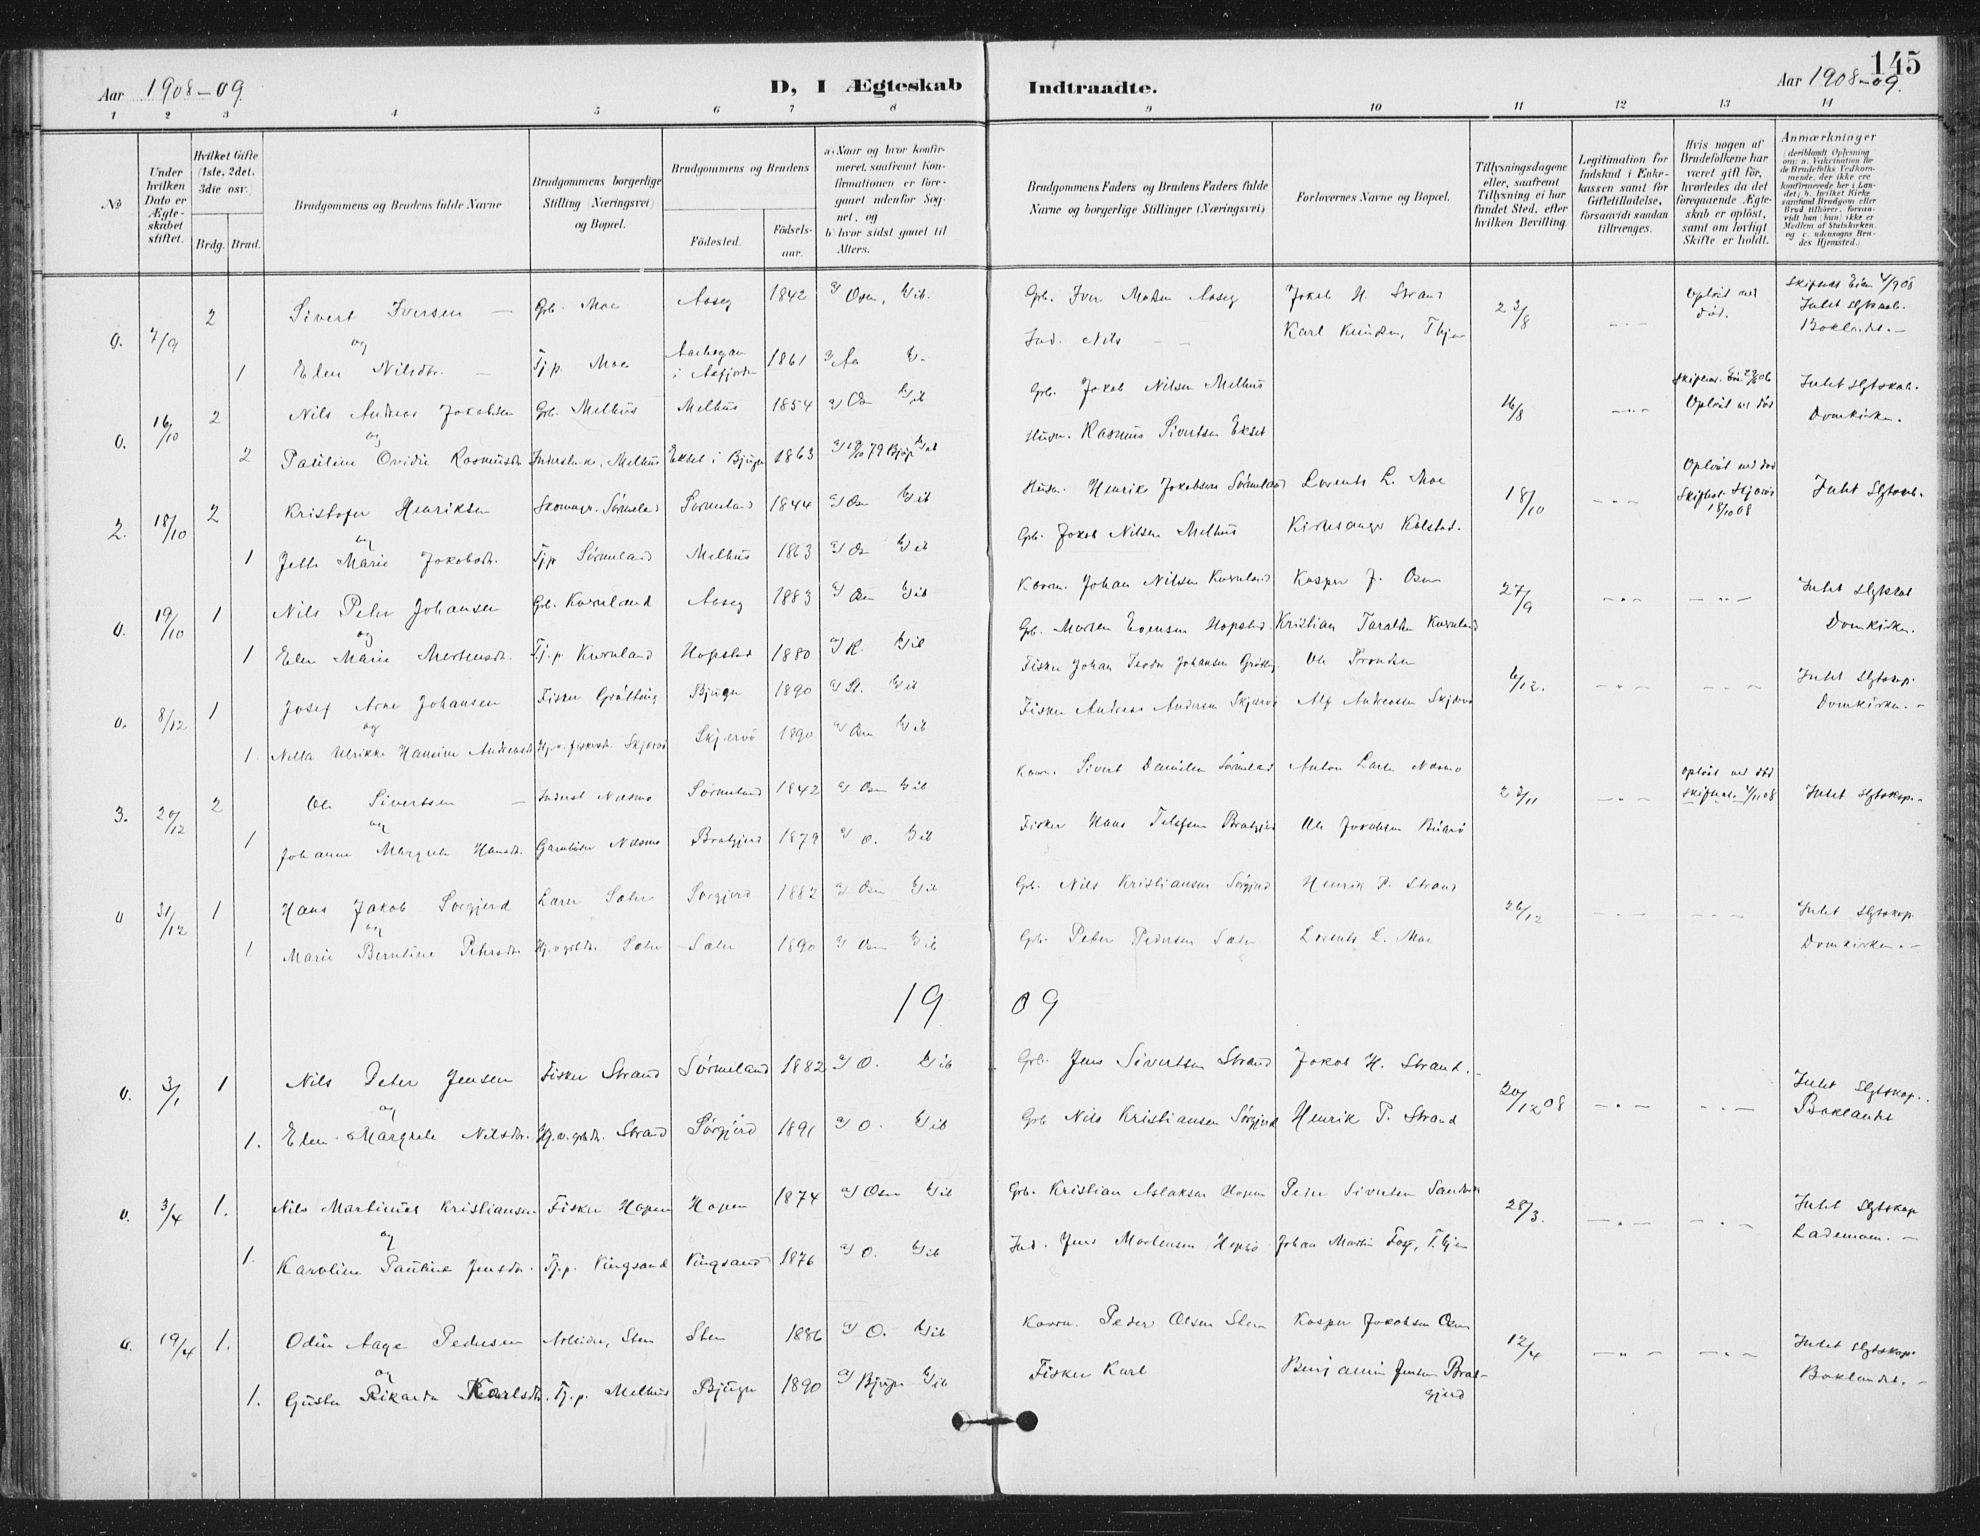 SAT, Ministerialprotokoller, klokkerbøker og fødselsregistre - Sør-Trøndelag, 658/L0723: Ministerialbok nr. 658A02, 1897-1912, s. 145